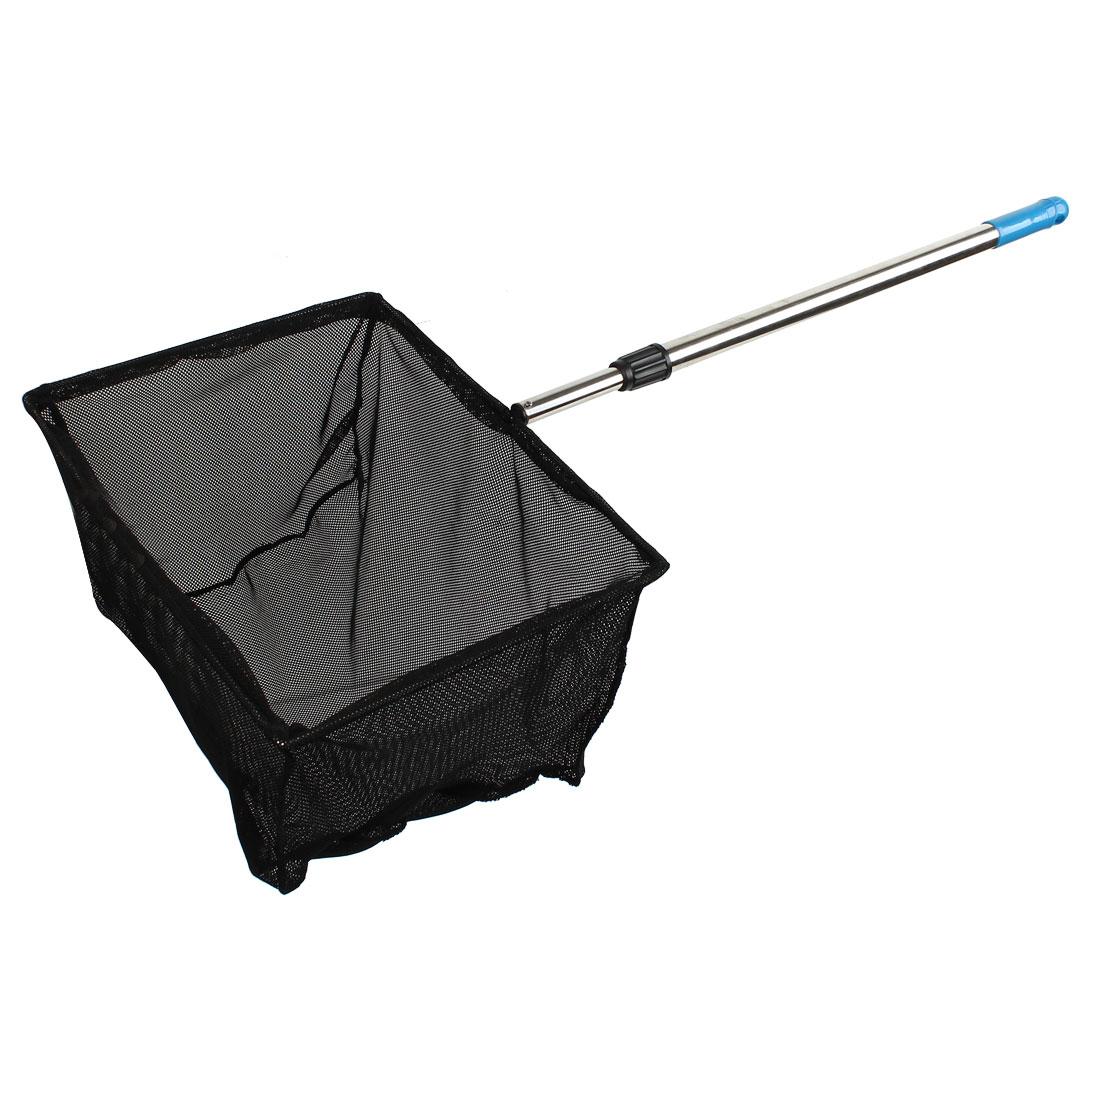 35cm x 28cm Hoop 2 Sections Telescoping Stainless Steel Handle Fishing Landing Dip Net